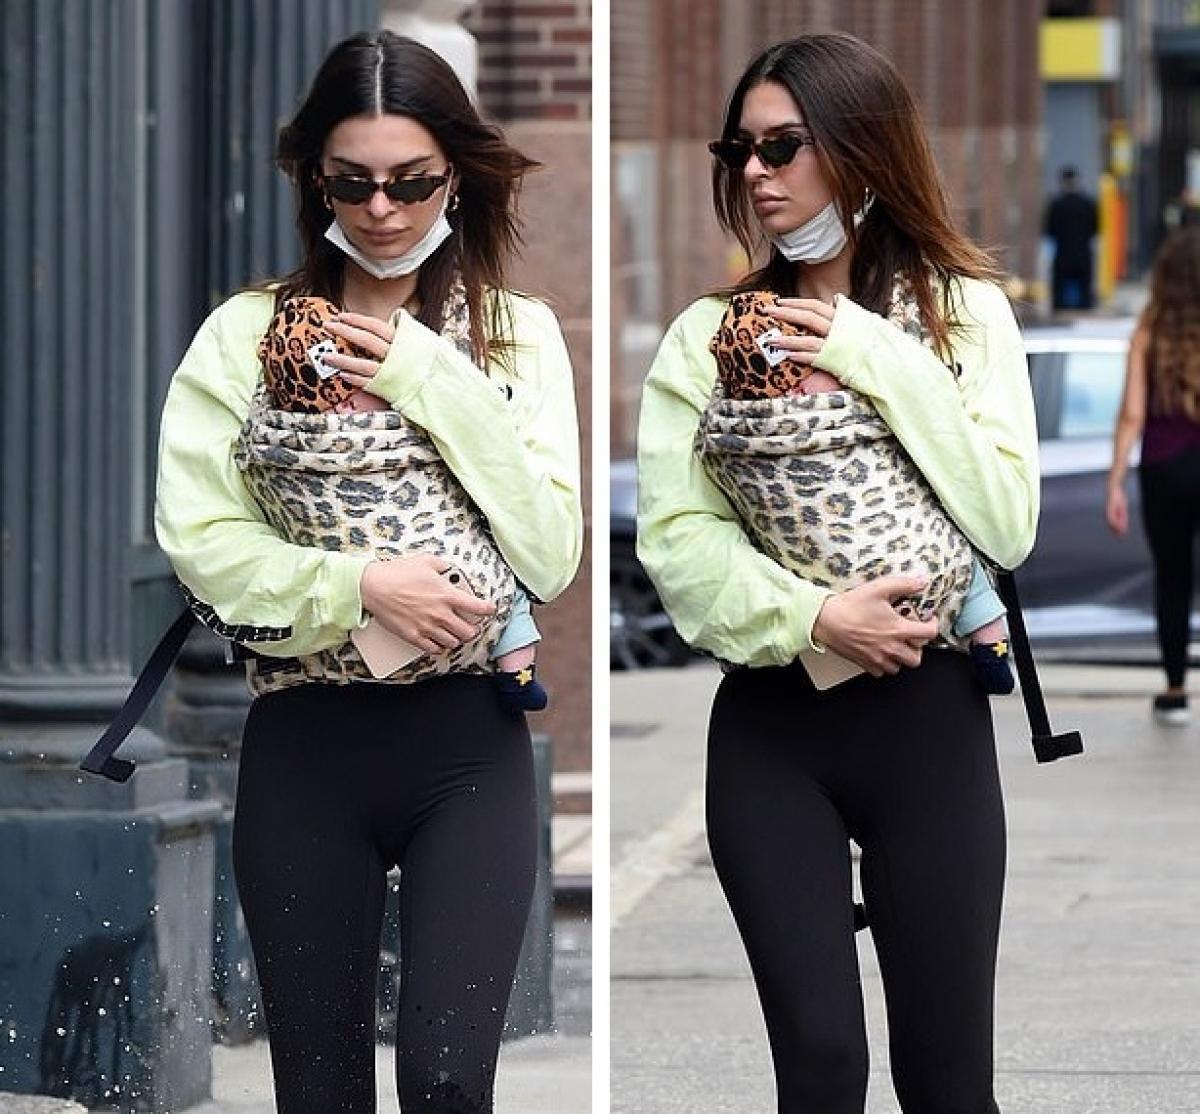 Trong cuộc phỏng vấn với Vogue hồi tháng 10 năm ngoái, Emily Ratajkowski cho biết cô không muốn tiết lộ giới tính con.